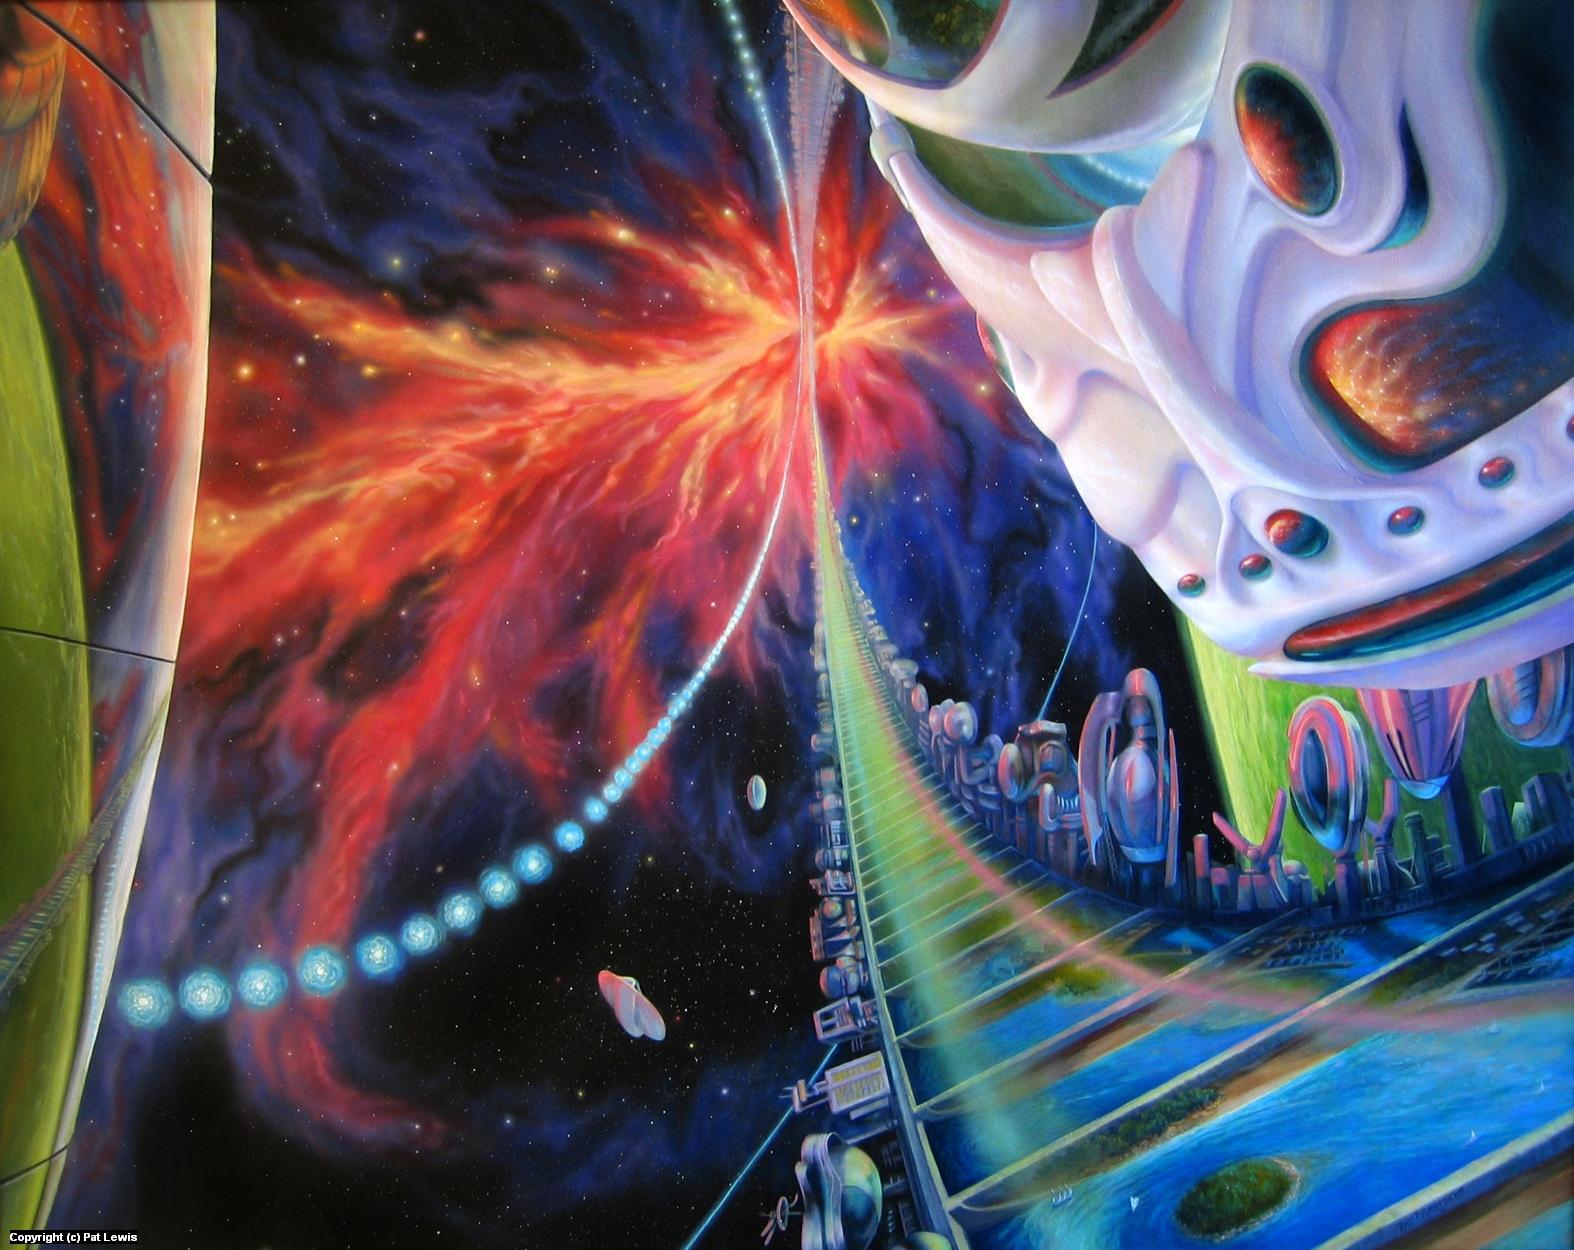 Eon's Web: Tau Ceti Resort Artwork by Pat morrissey-Lewis